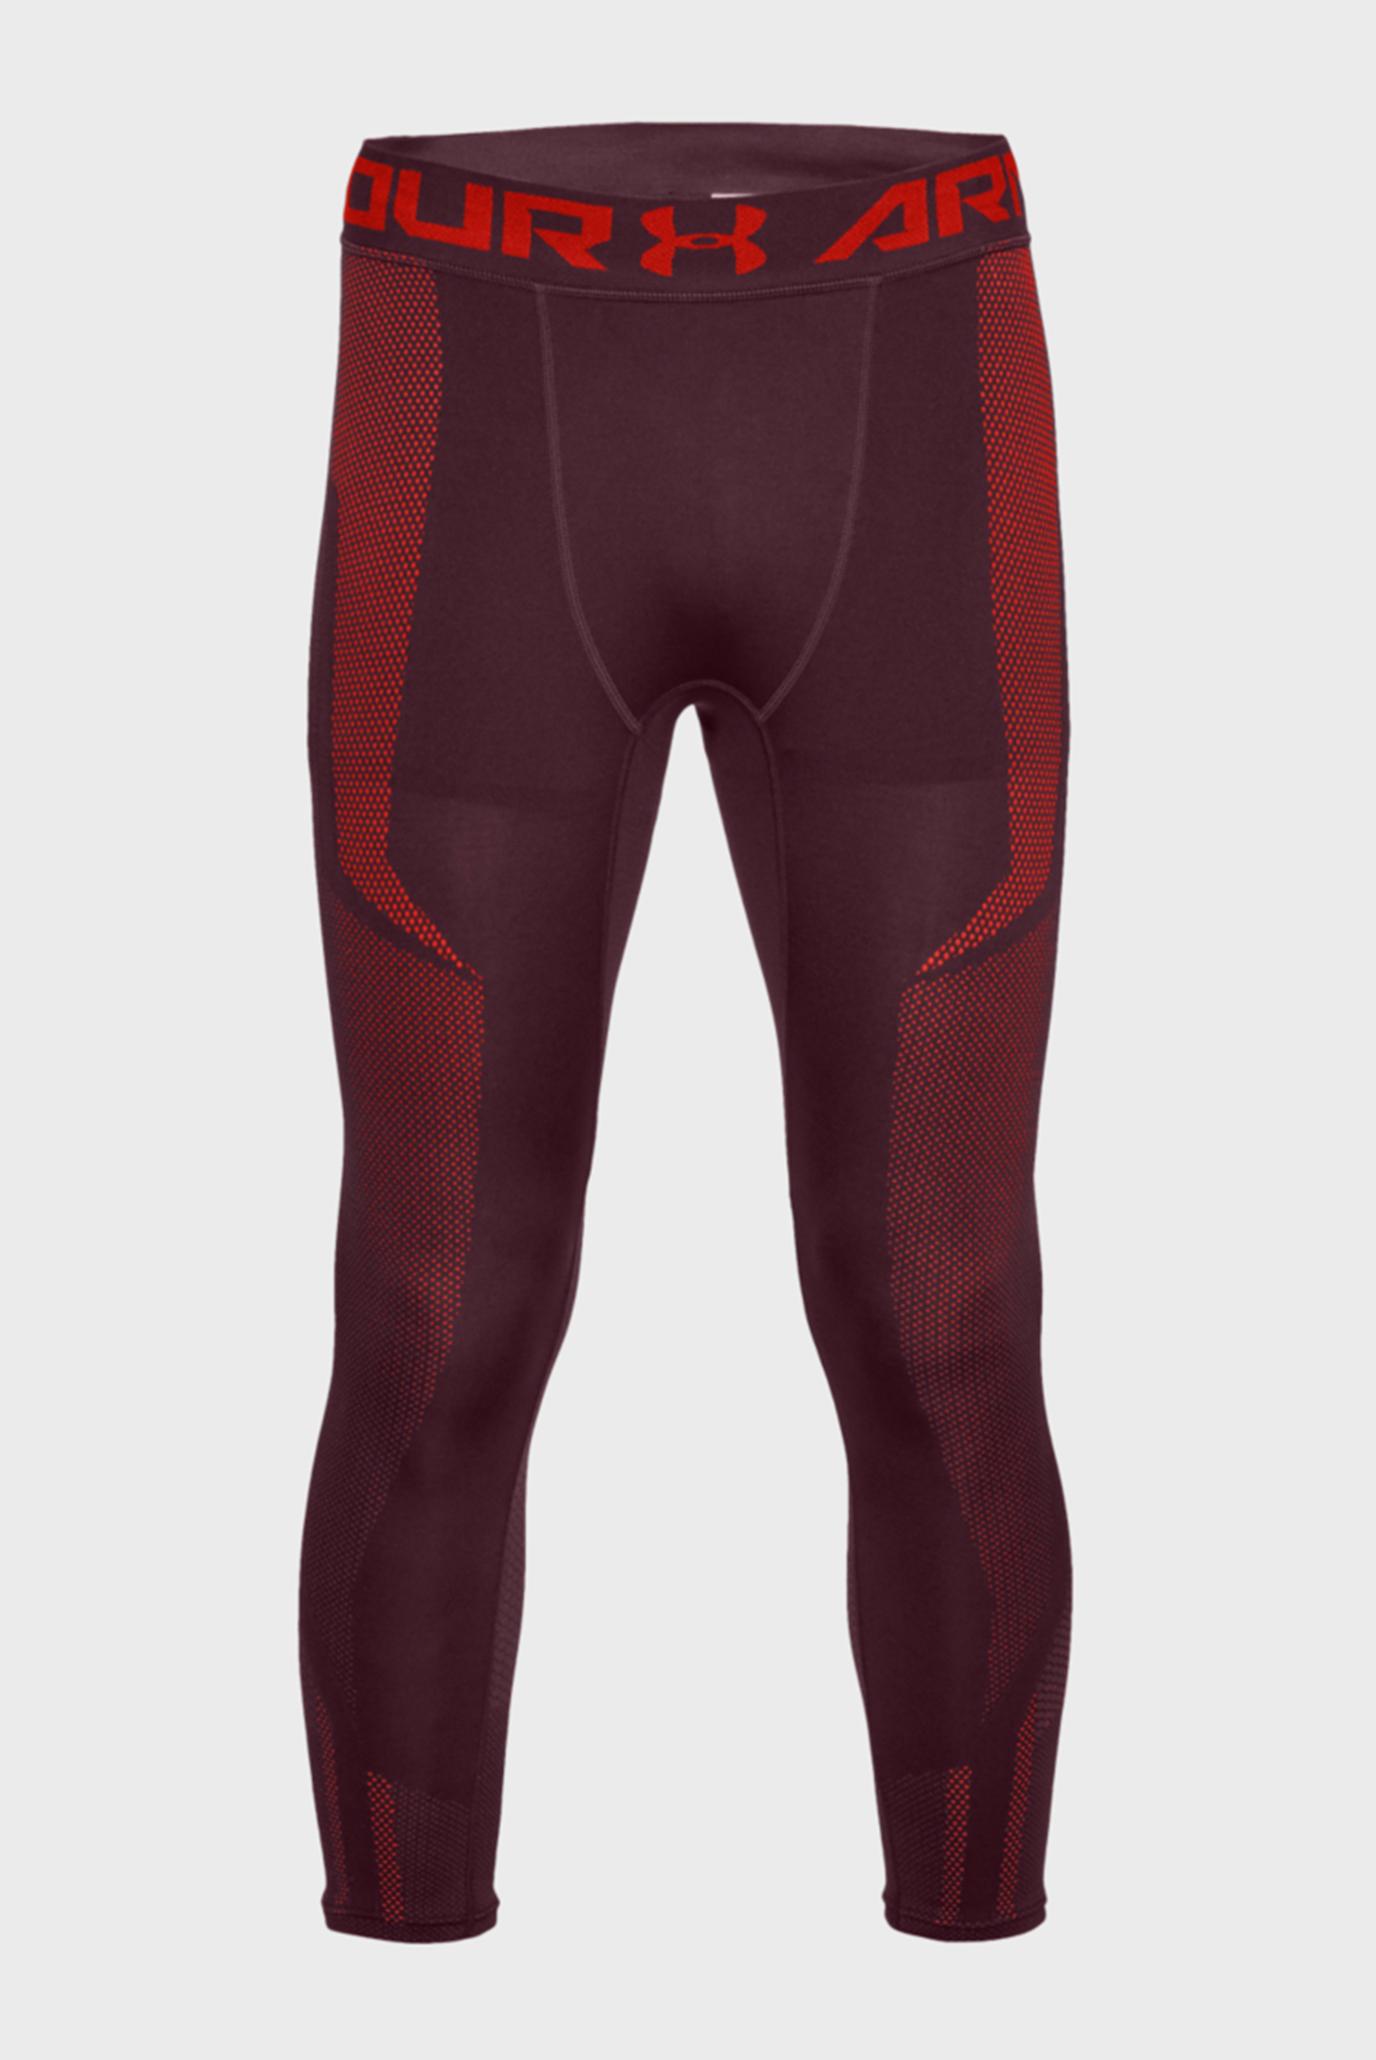 Купить Мужские бордовые тайтсы Threadborne Seamless 3/4 Leg Under Armour Under Armour 1306391-600 – Киев, Украина. Цены в интернет магазине MD Fashion